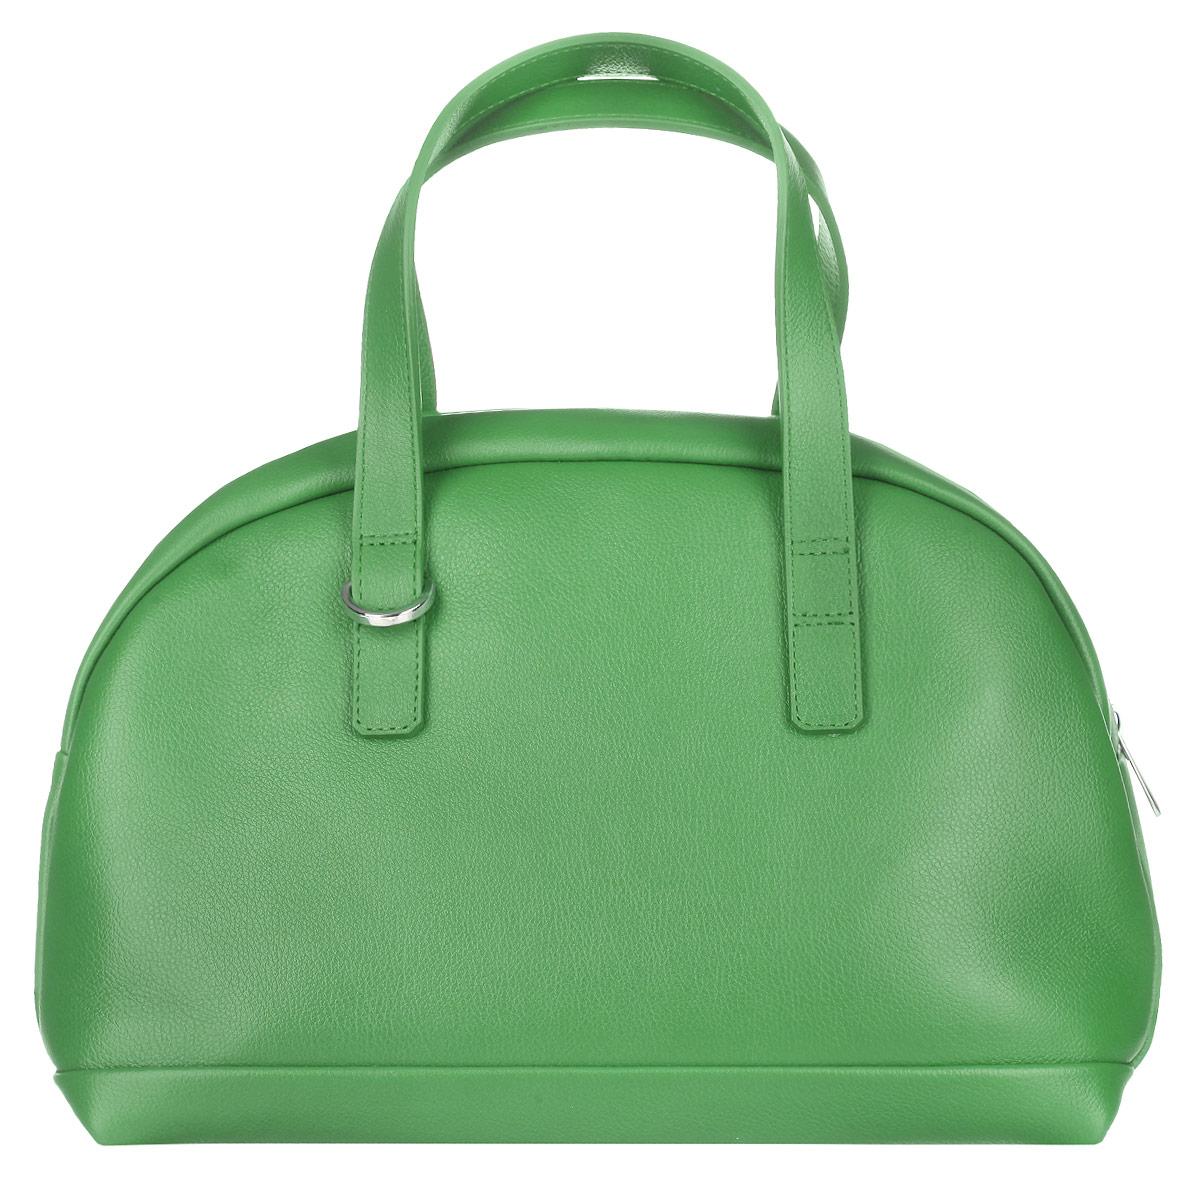 Сумка женская Fabula, цвет: зеленый. S.111.FPS.111.FP. зеленыйВместительная женская сумка Fabula из коллекции Every day выполненная из натуральной кожи. Закрывается на молнию. Сумка оснащена двумя ручками для ношения в руке или на сгибе локтя. В комплекте съемный плечевой ремень, крепящийся на карабины. Длина плечевого ремня не регулируется. Сумка состоит из одного основного отделения, закрывающегося на застежку-молнию. Внутри - прорезной боковой карман на молнии. Внутренняя плотная вынимающаяся вкладка обтянутая тканью придает сумке устойчивость. Такая сумка позволит вам подчеркнуть свой стиль и особенный статус.